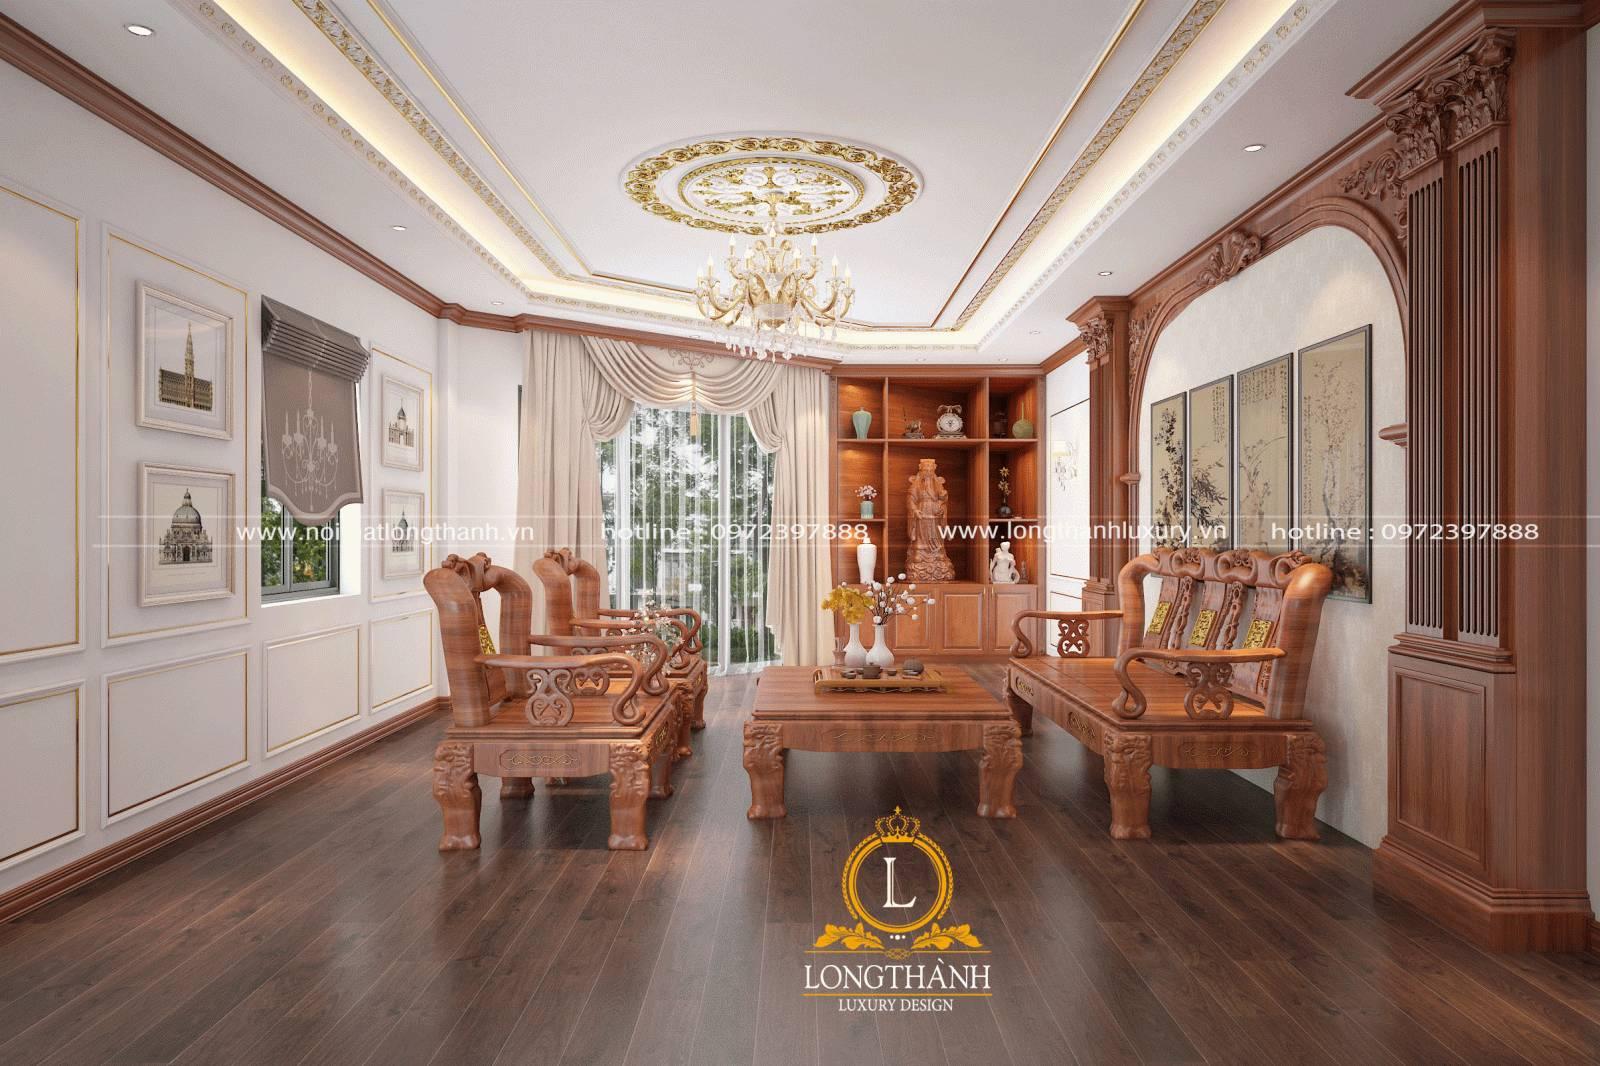 Sofa nguyên khối mang nét đẹp trong từng đường vân gỗ